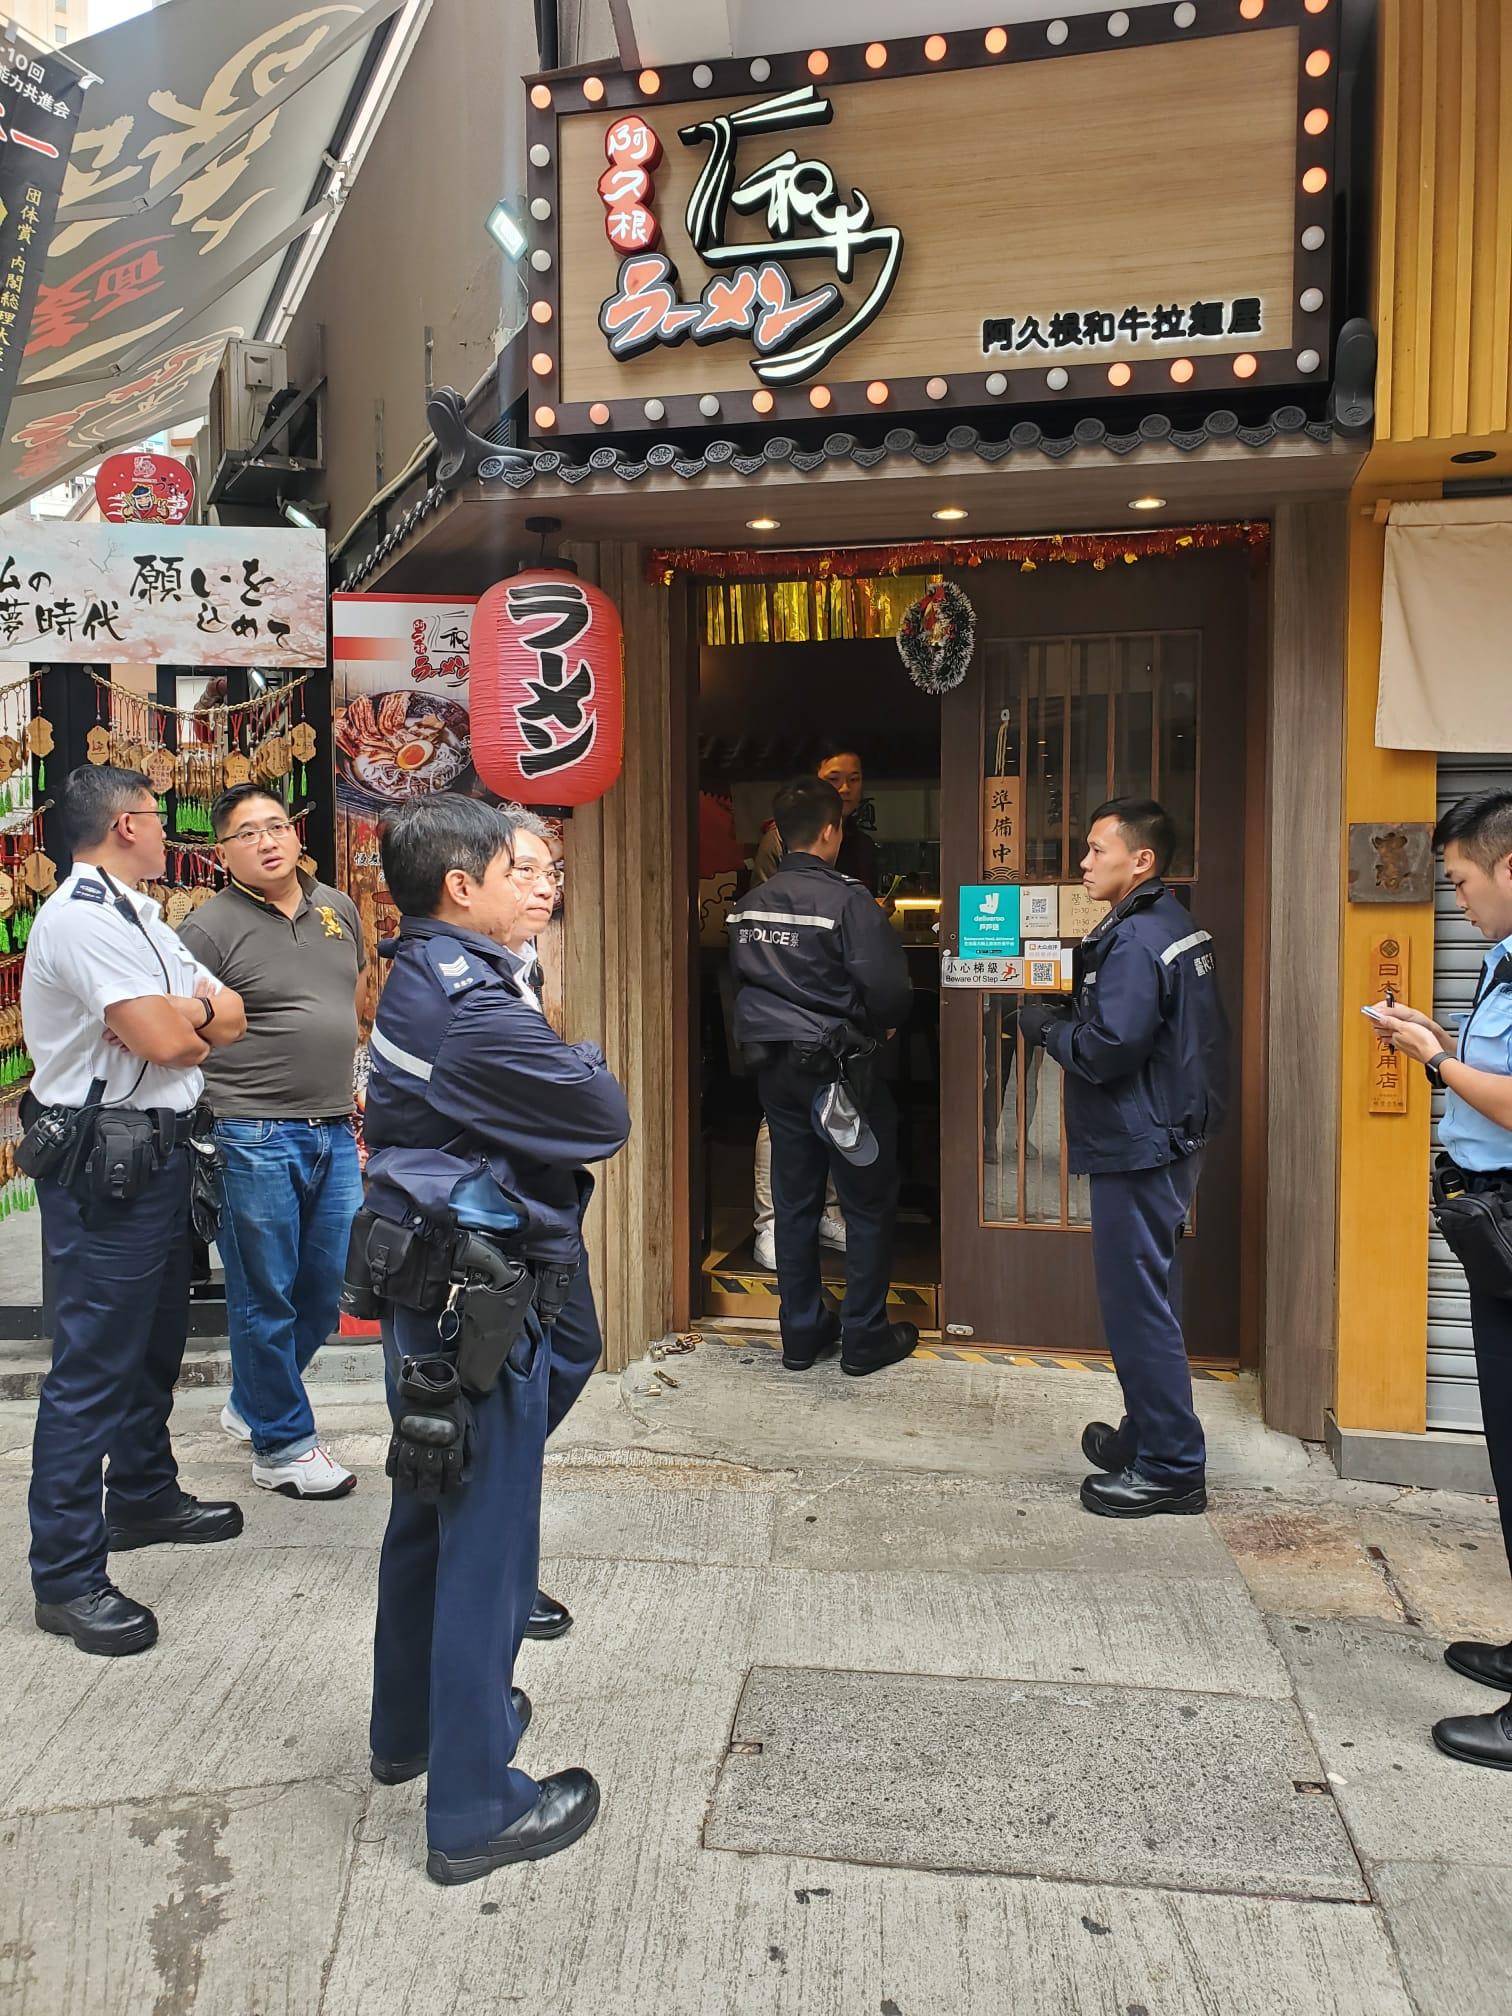 旺角拉麵店遭剪鎖爆竊 賊人得手後踏單車逃走